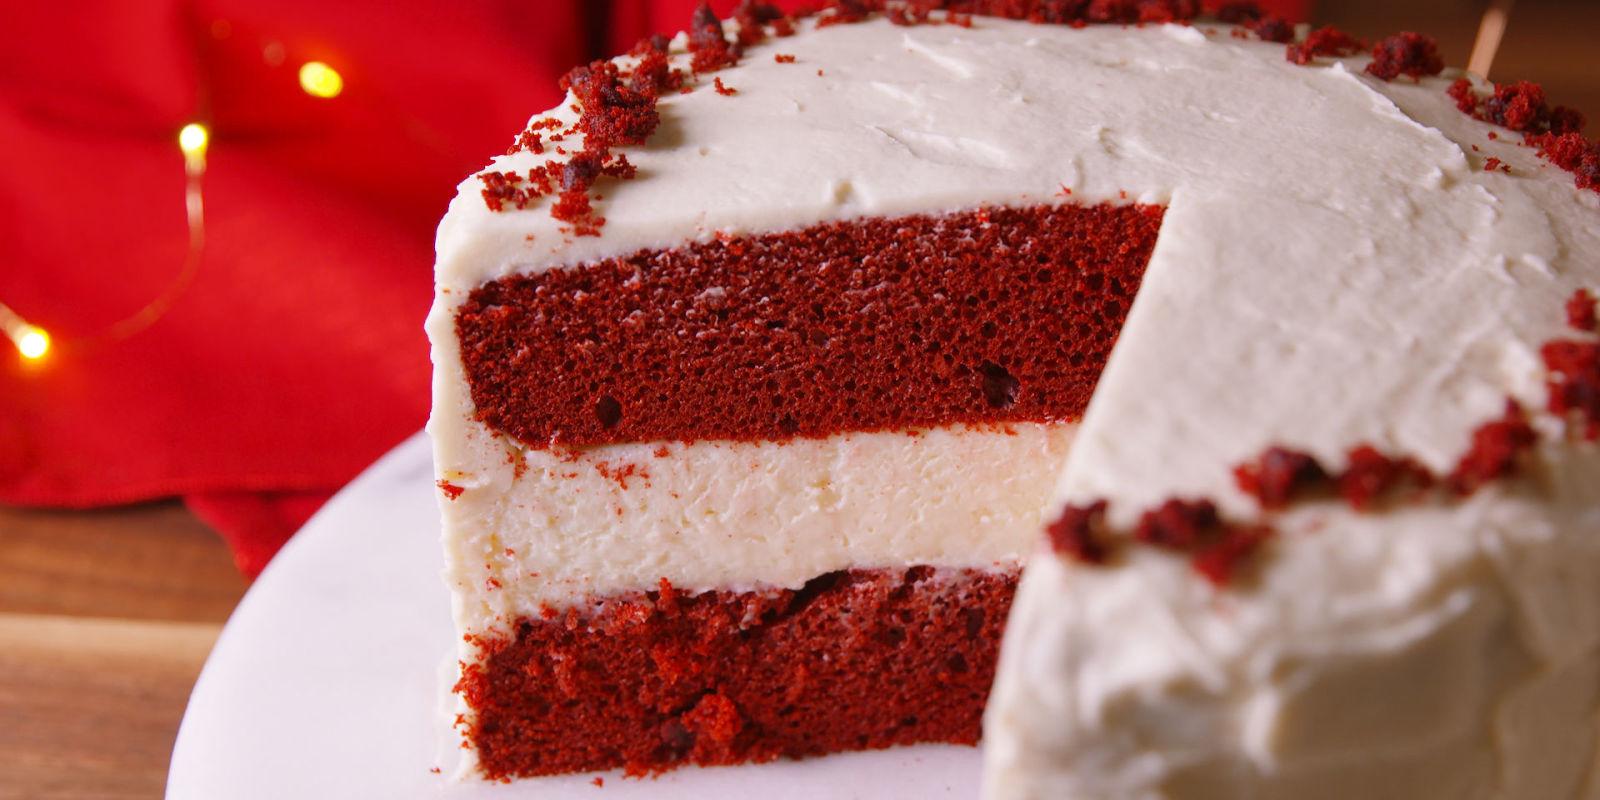 Best Red Velvet Cheesecake Cake Recipe